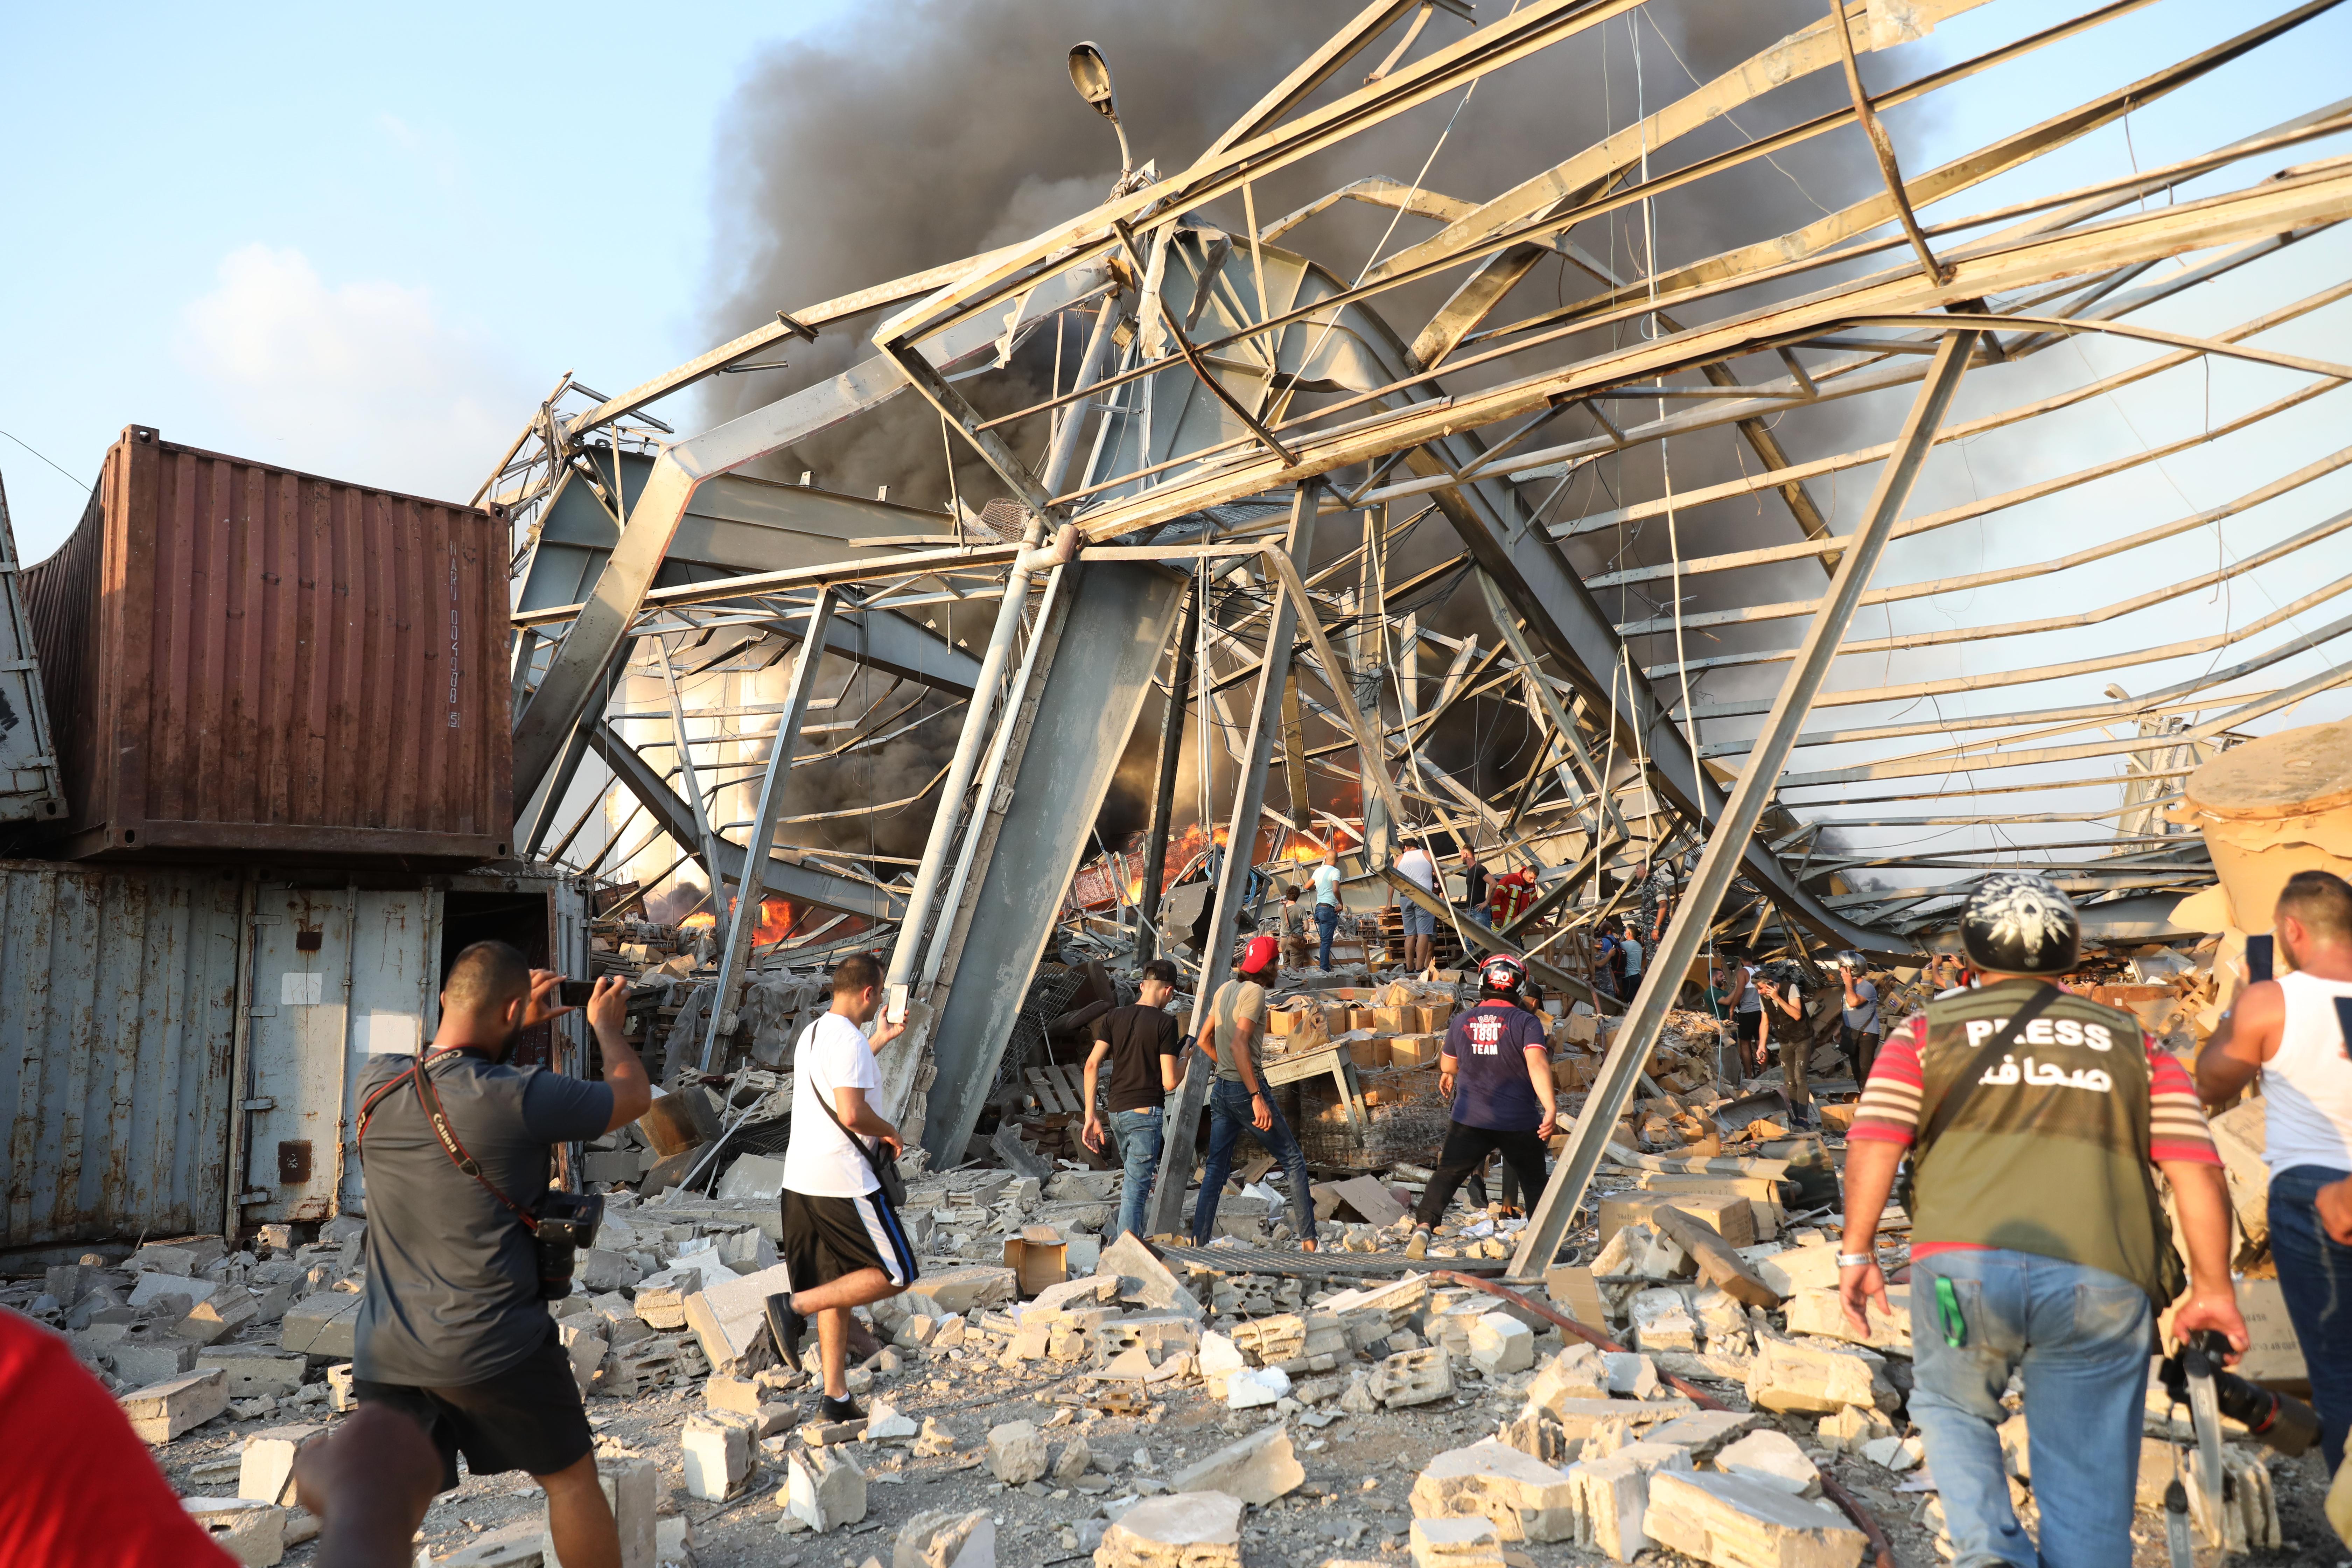 Personas buscan sobrevivientes entre los escombros (Anwar AMRO / AFP)